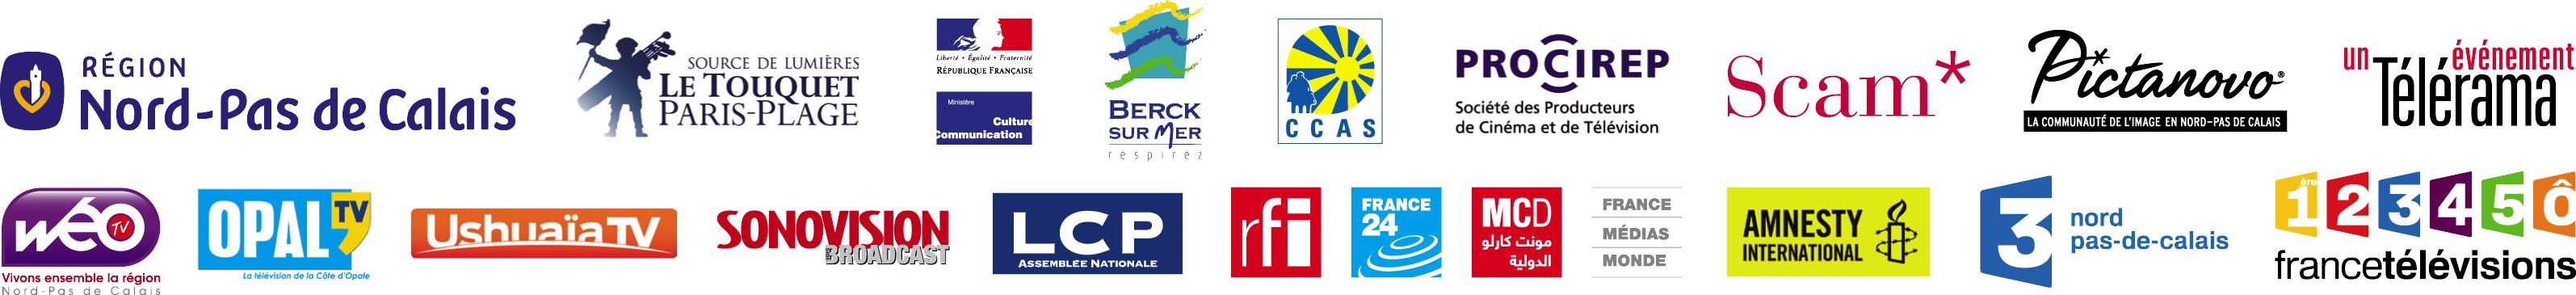 Partenaires FIGRA 2014